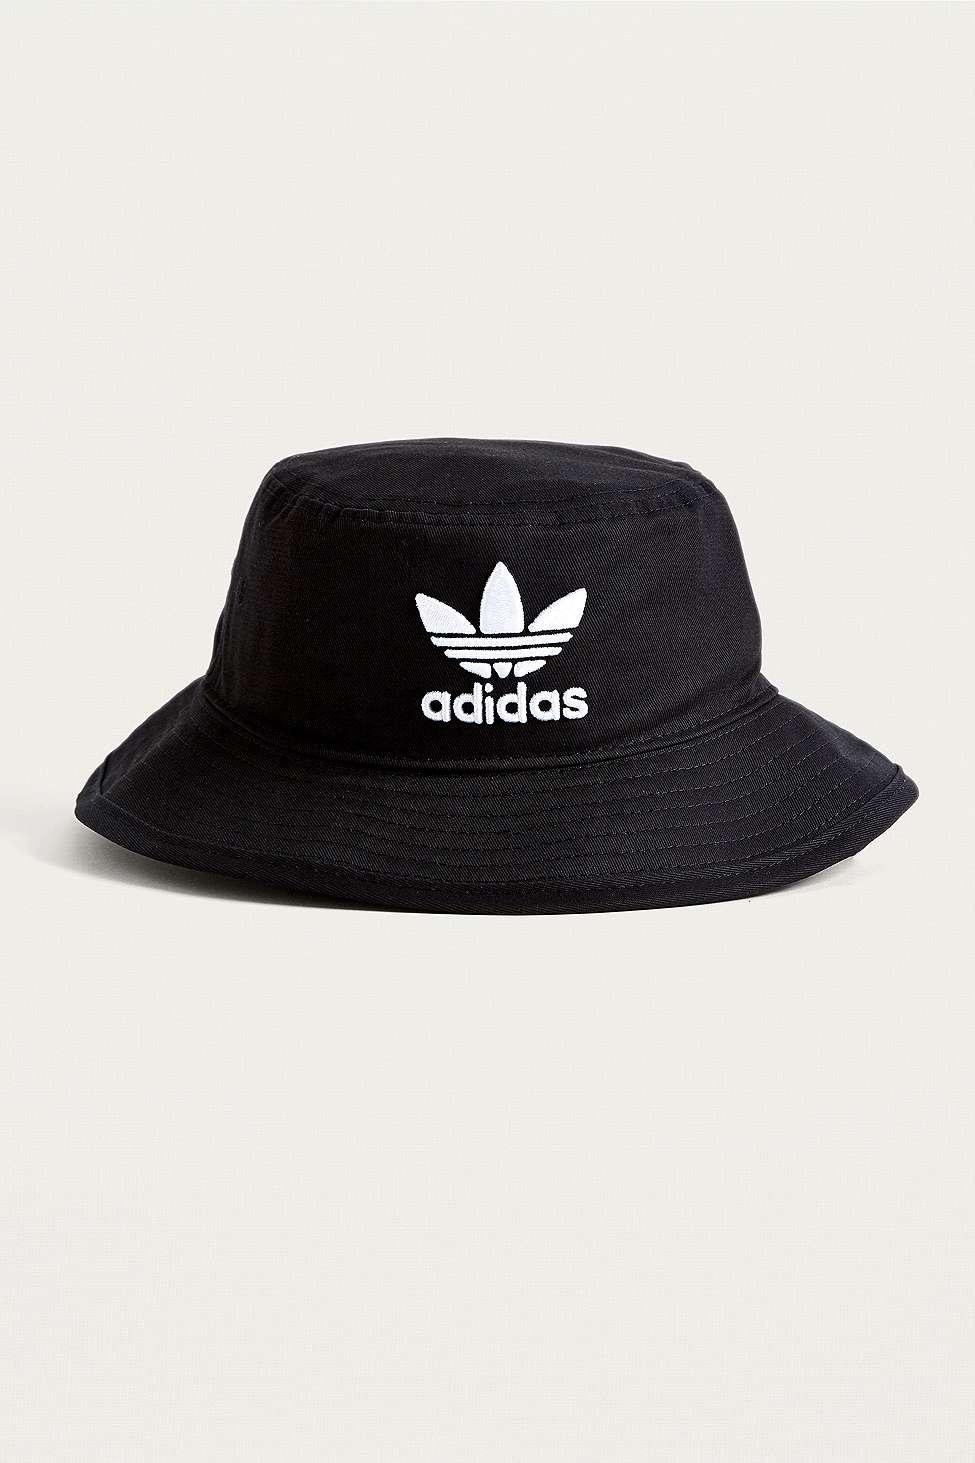 adidas originali black trifoglio secchio cappello urban outfitters